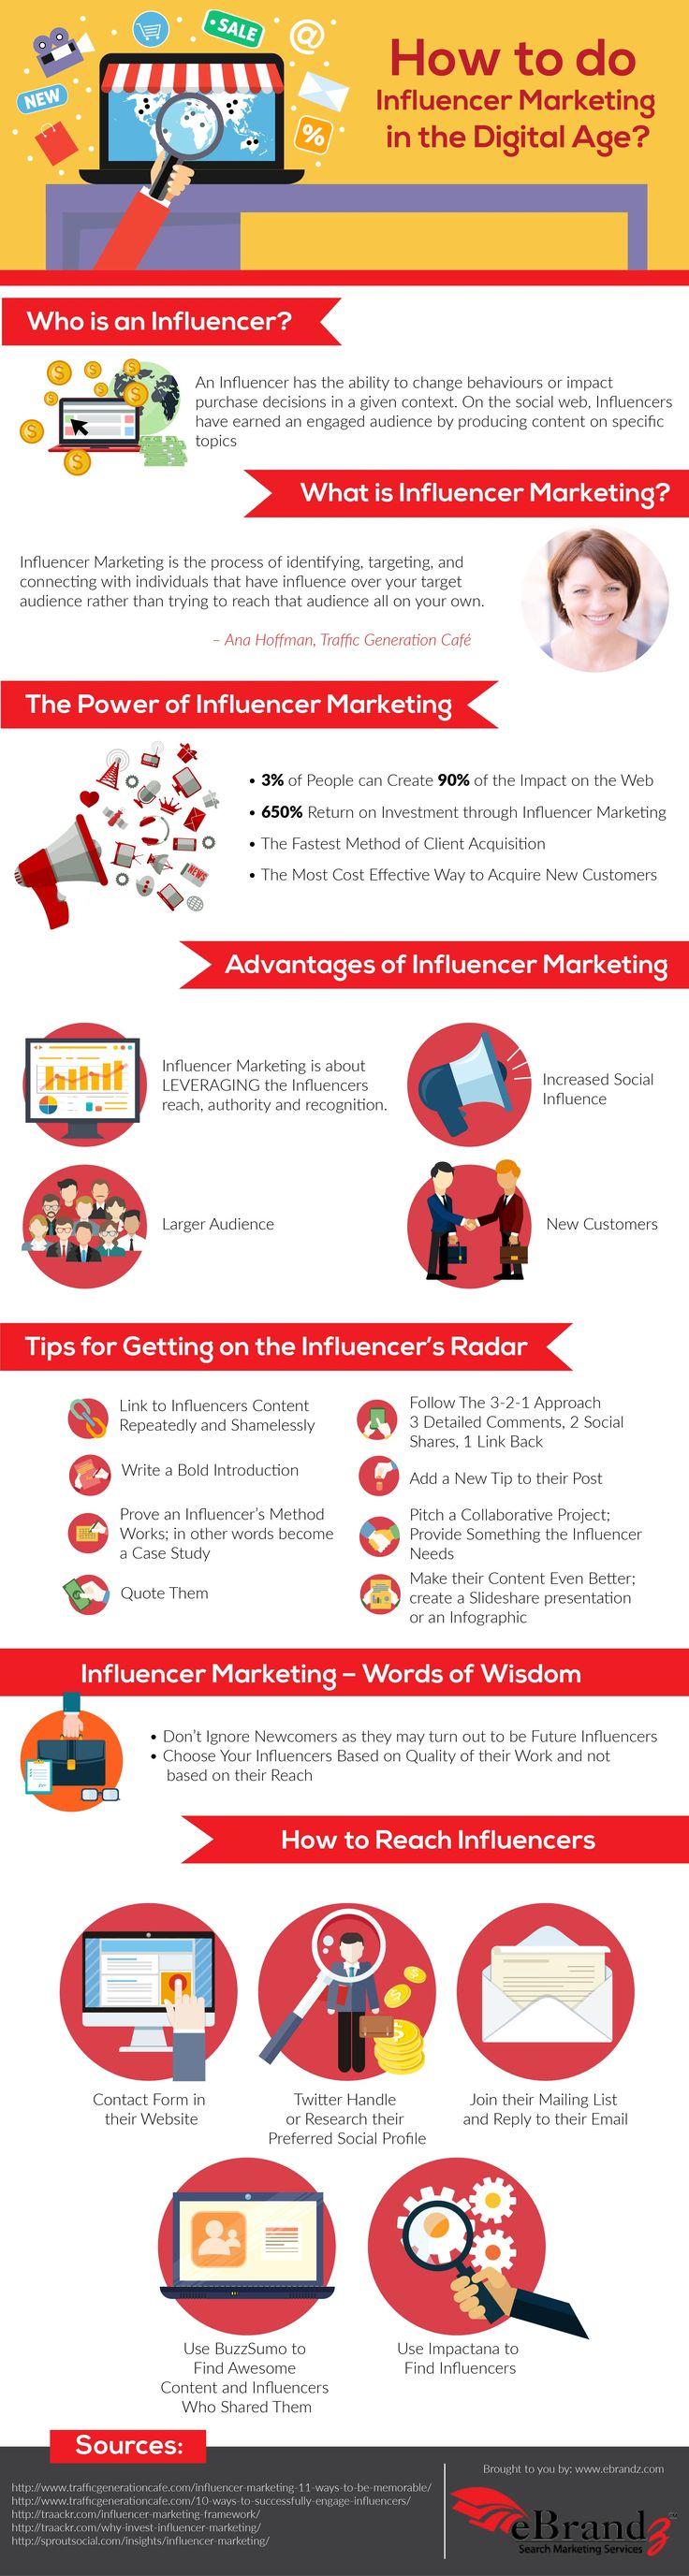 influence-marketing-image